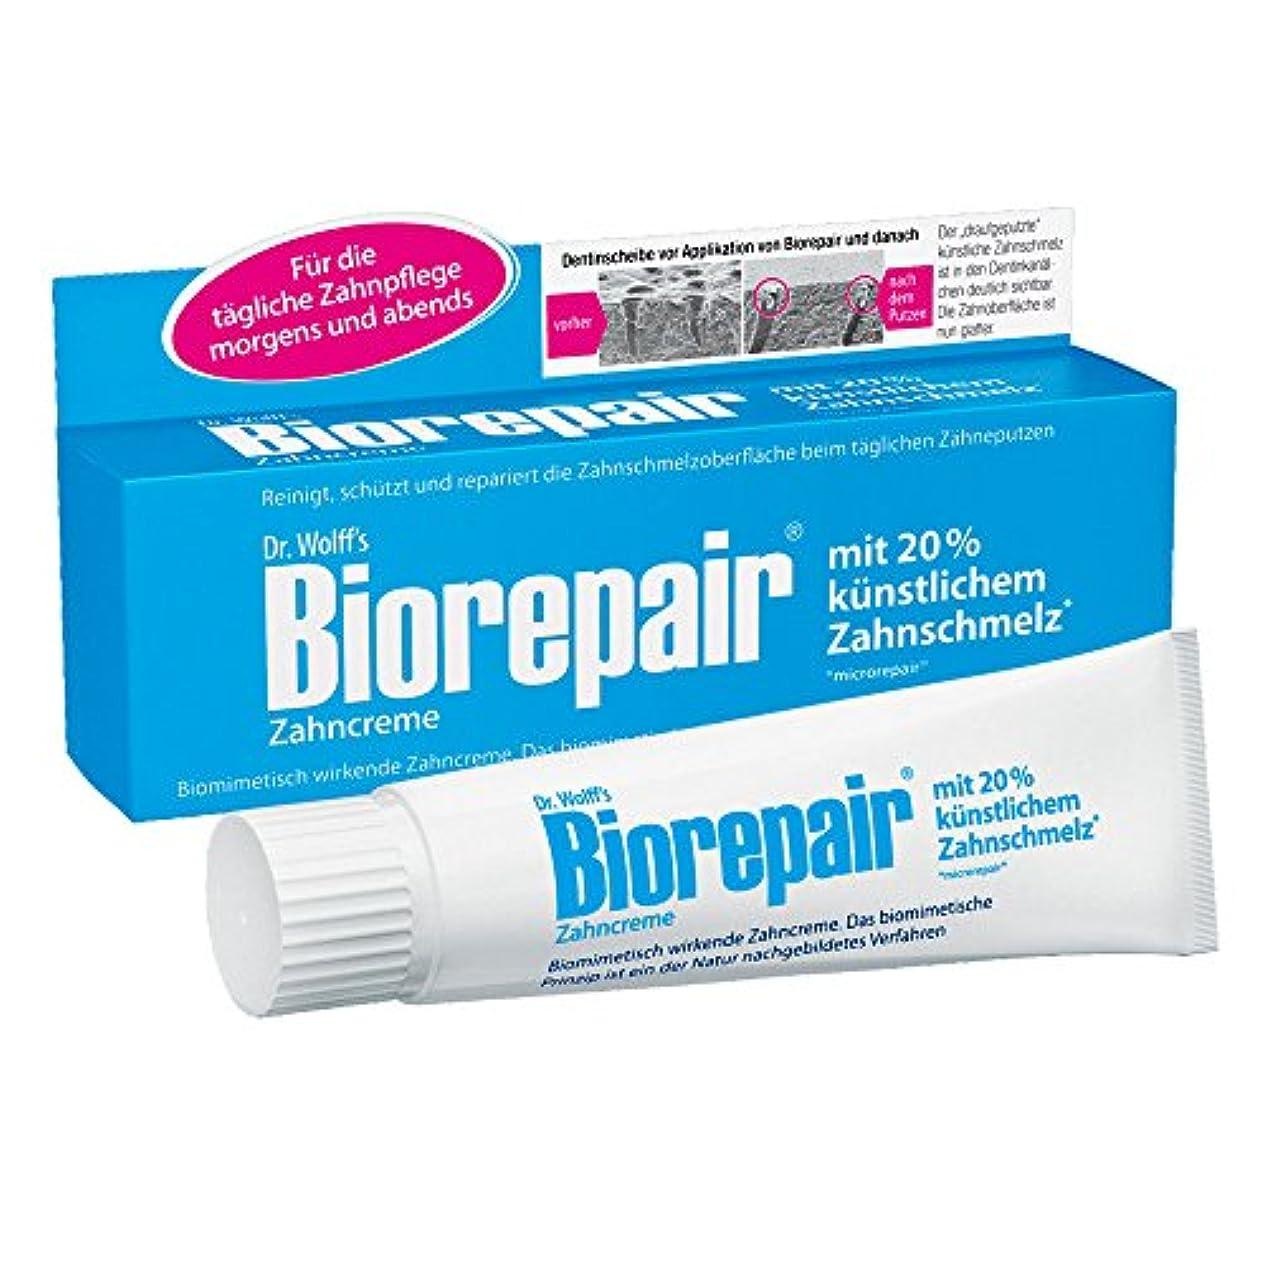 フェロー諸島マイルド重量Biorepair 歯磨き粉オリジナル、75ml(1pack) 歯の保護 耐摩耗性 1pack [並行輸入品]